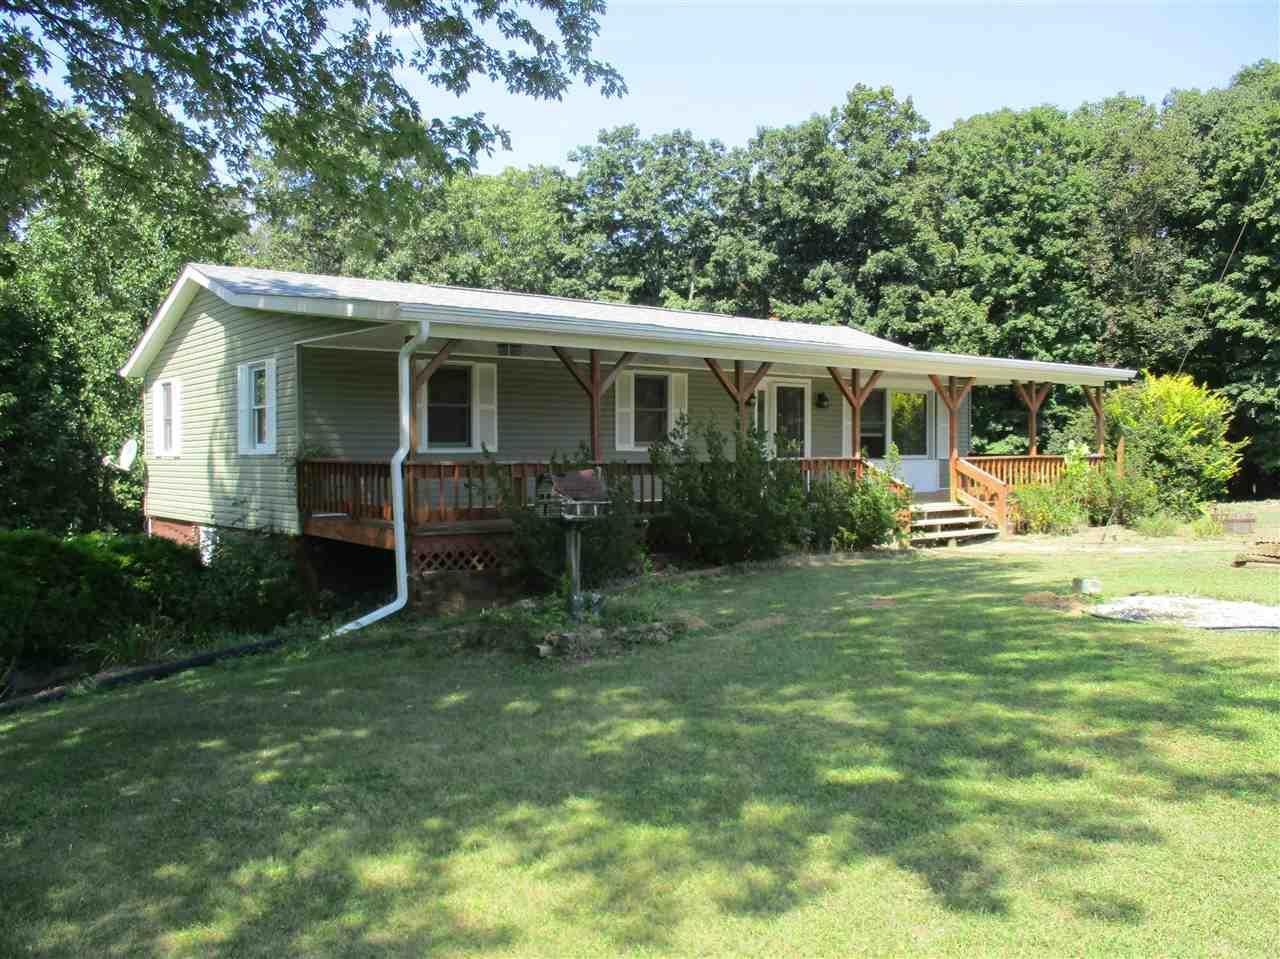 9520 S Chapel Hill Rd, Heltonville, IN 47436